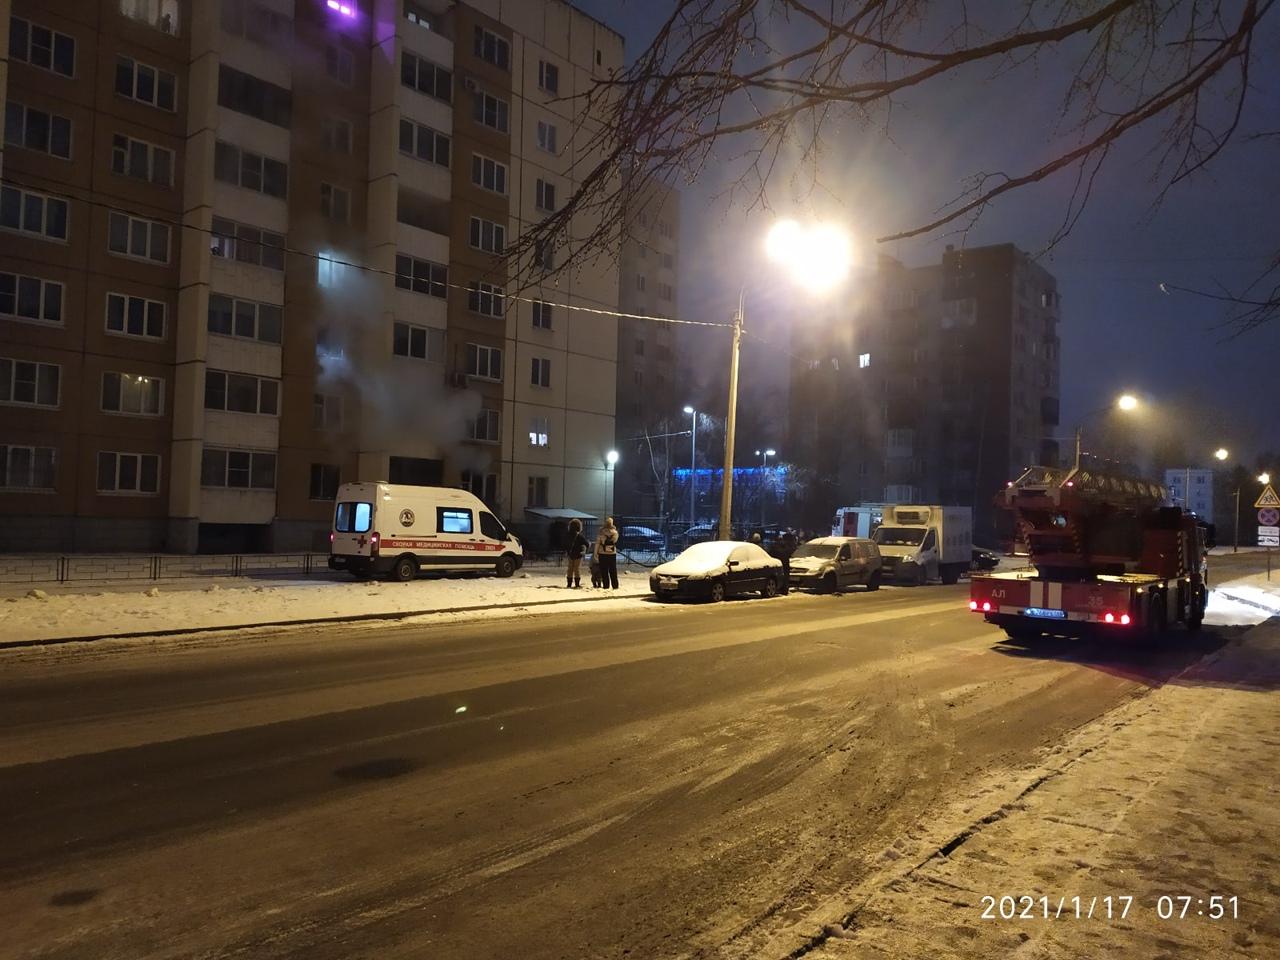 Пожар случился в доме номер 237 на проспекте Народного ополчения. Аварийная квартира находится на пе...